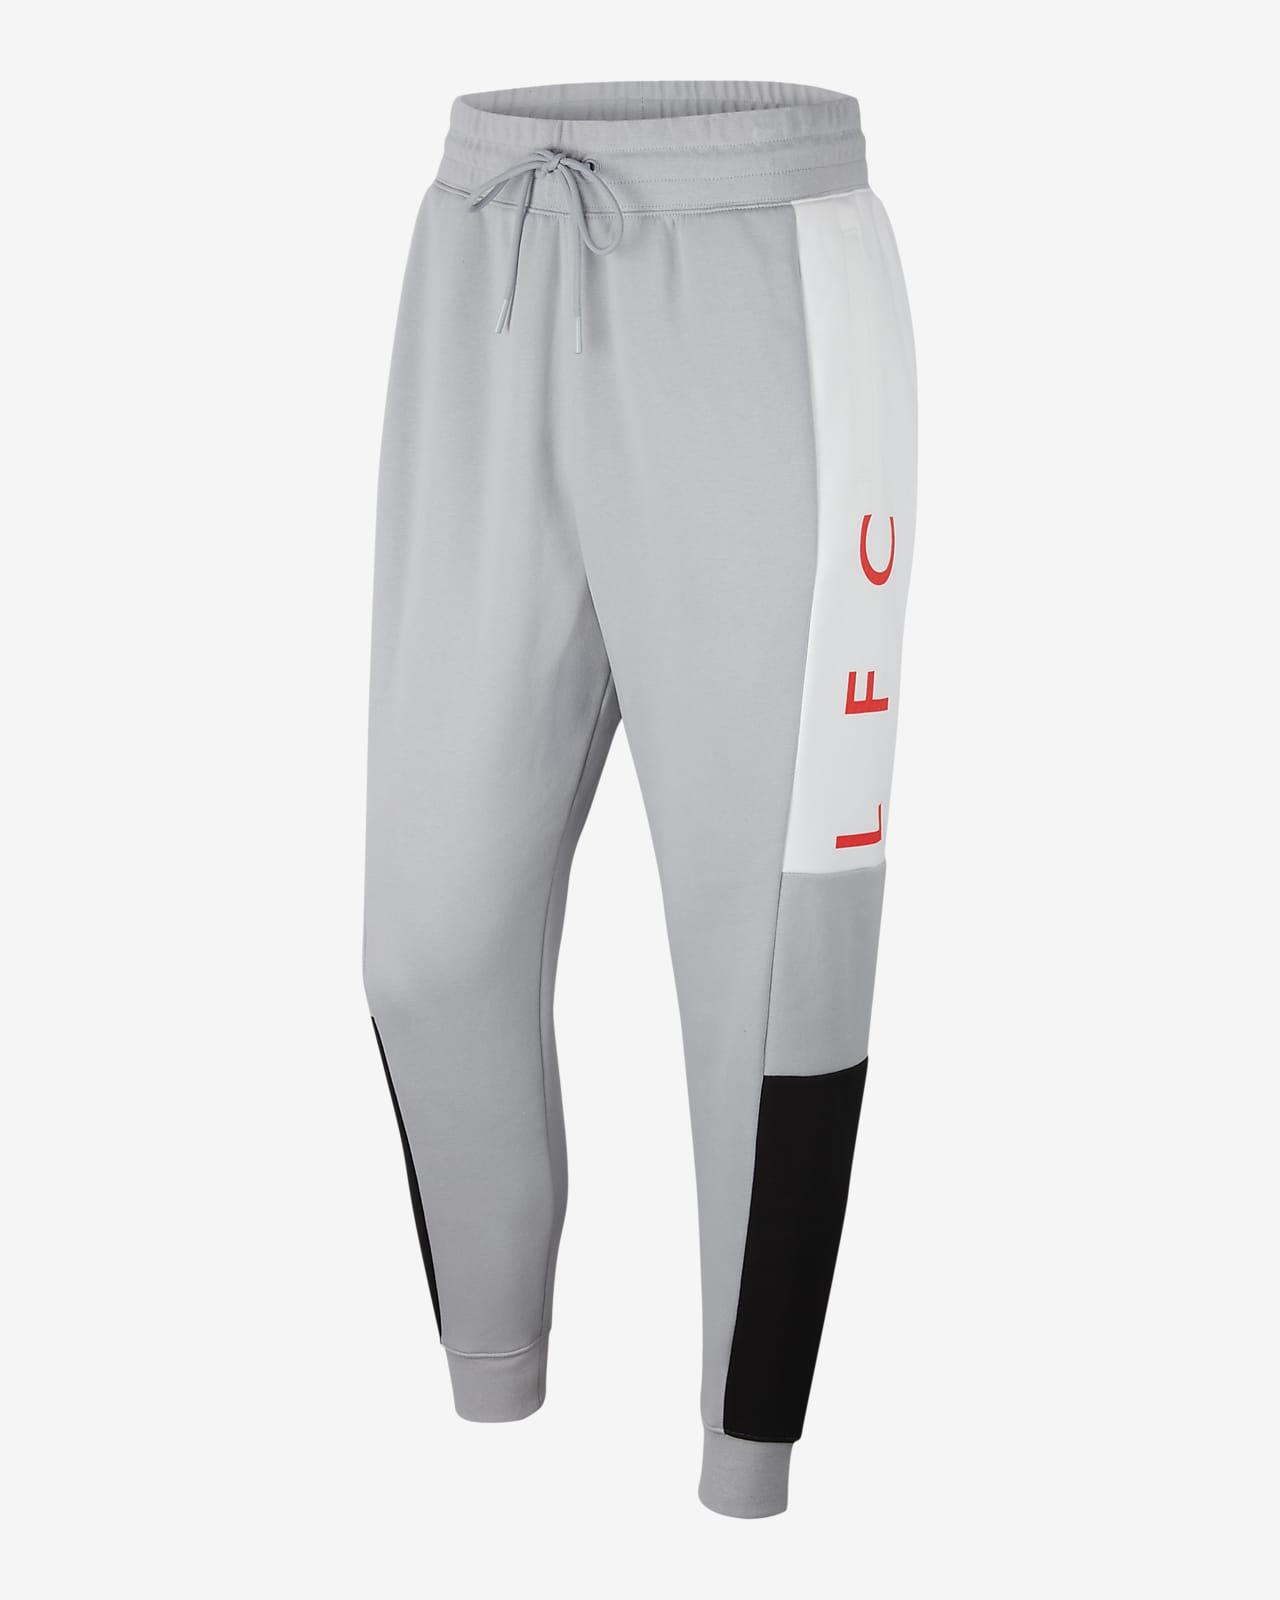 Liverpool F.C. Men's Fleece Pants